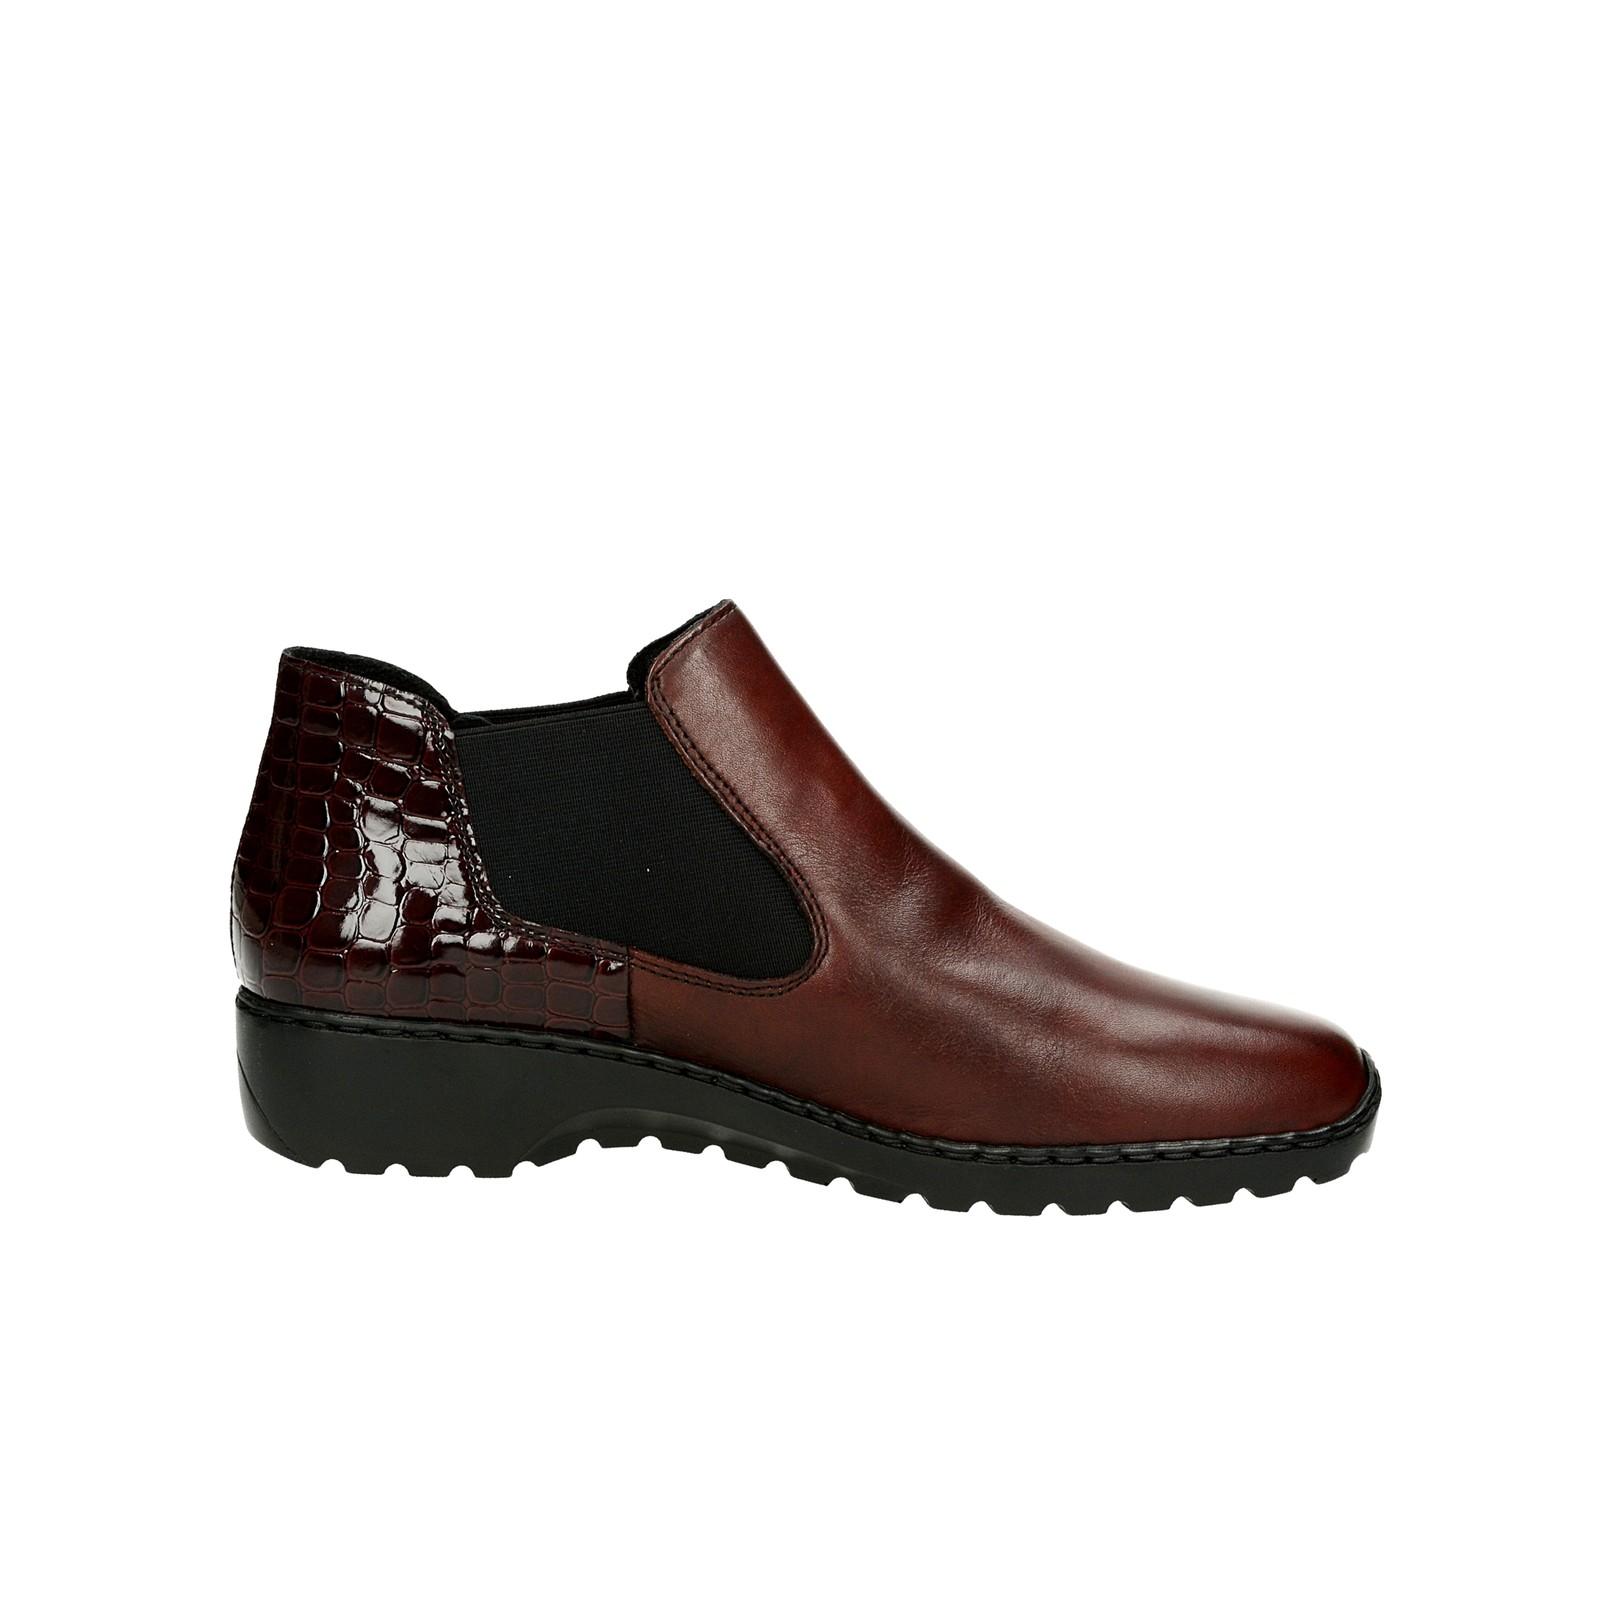 Rieker dámské kotníkové boty - bordó ... 607adee82a